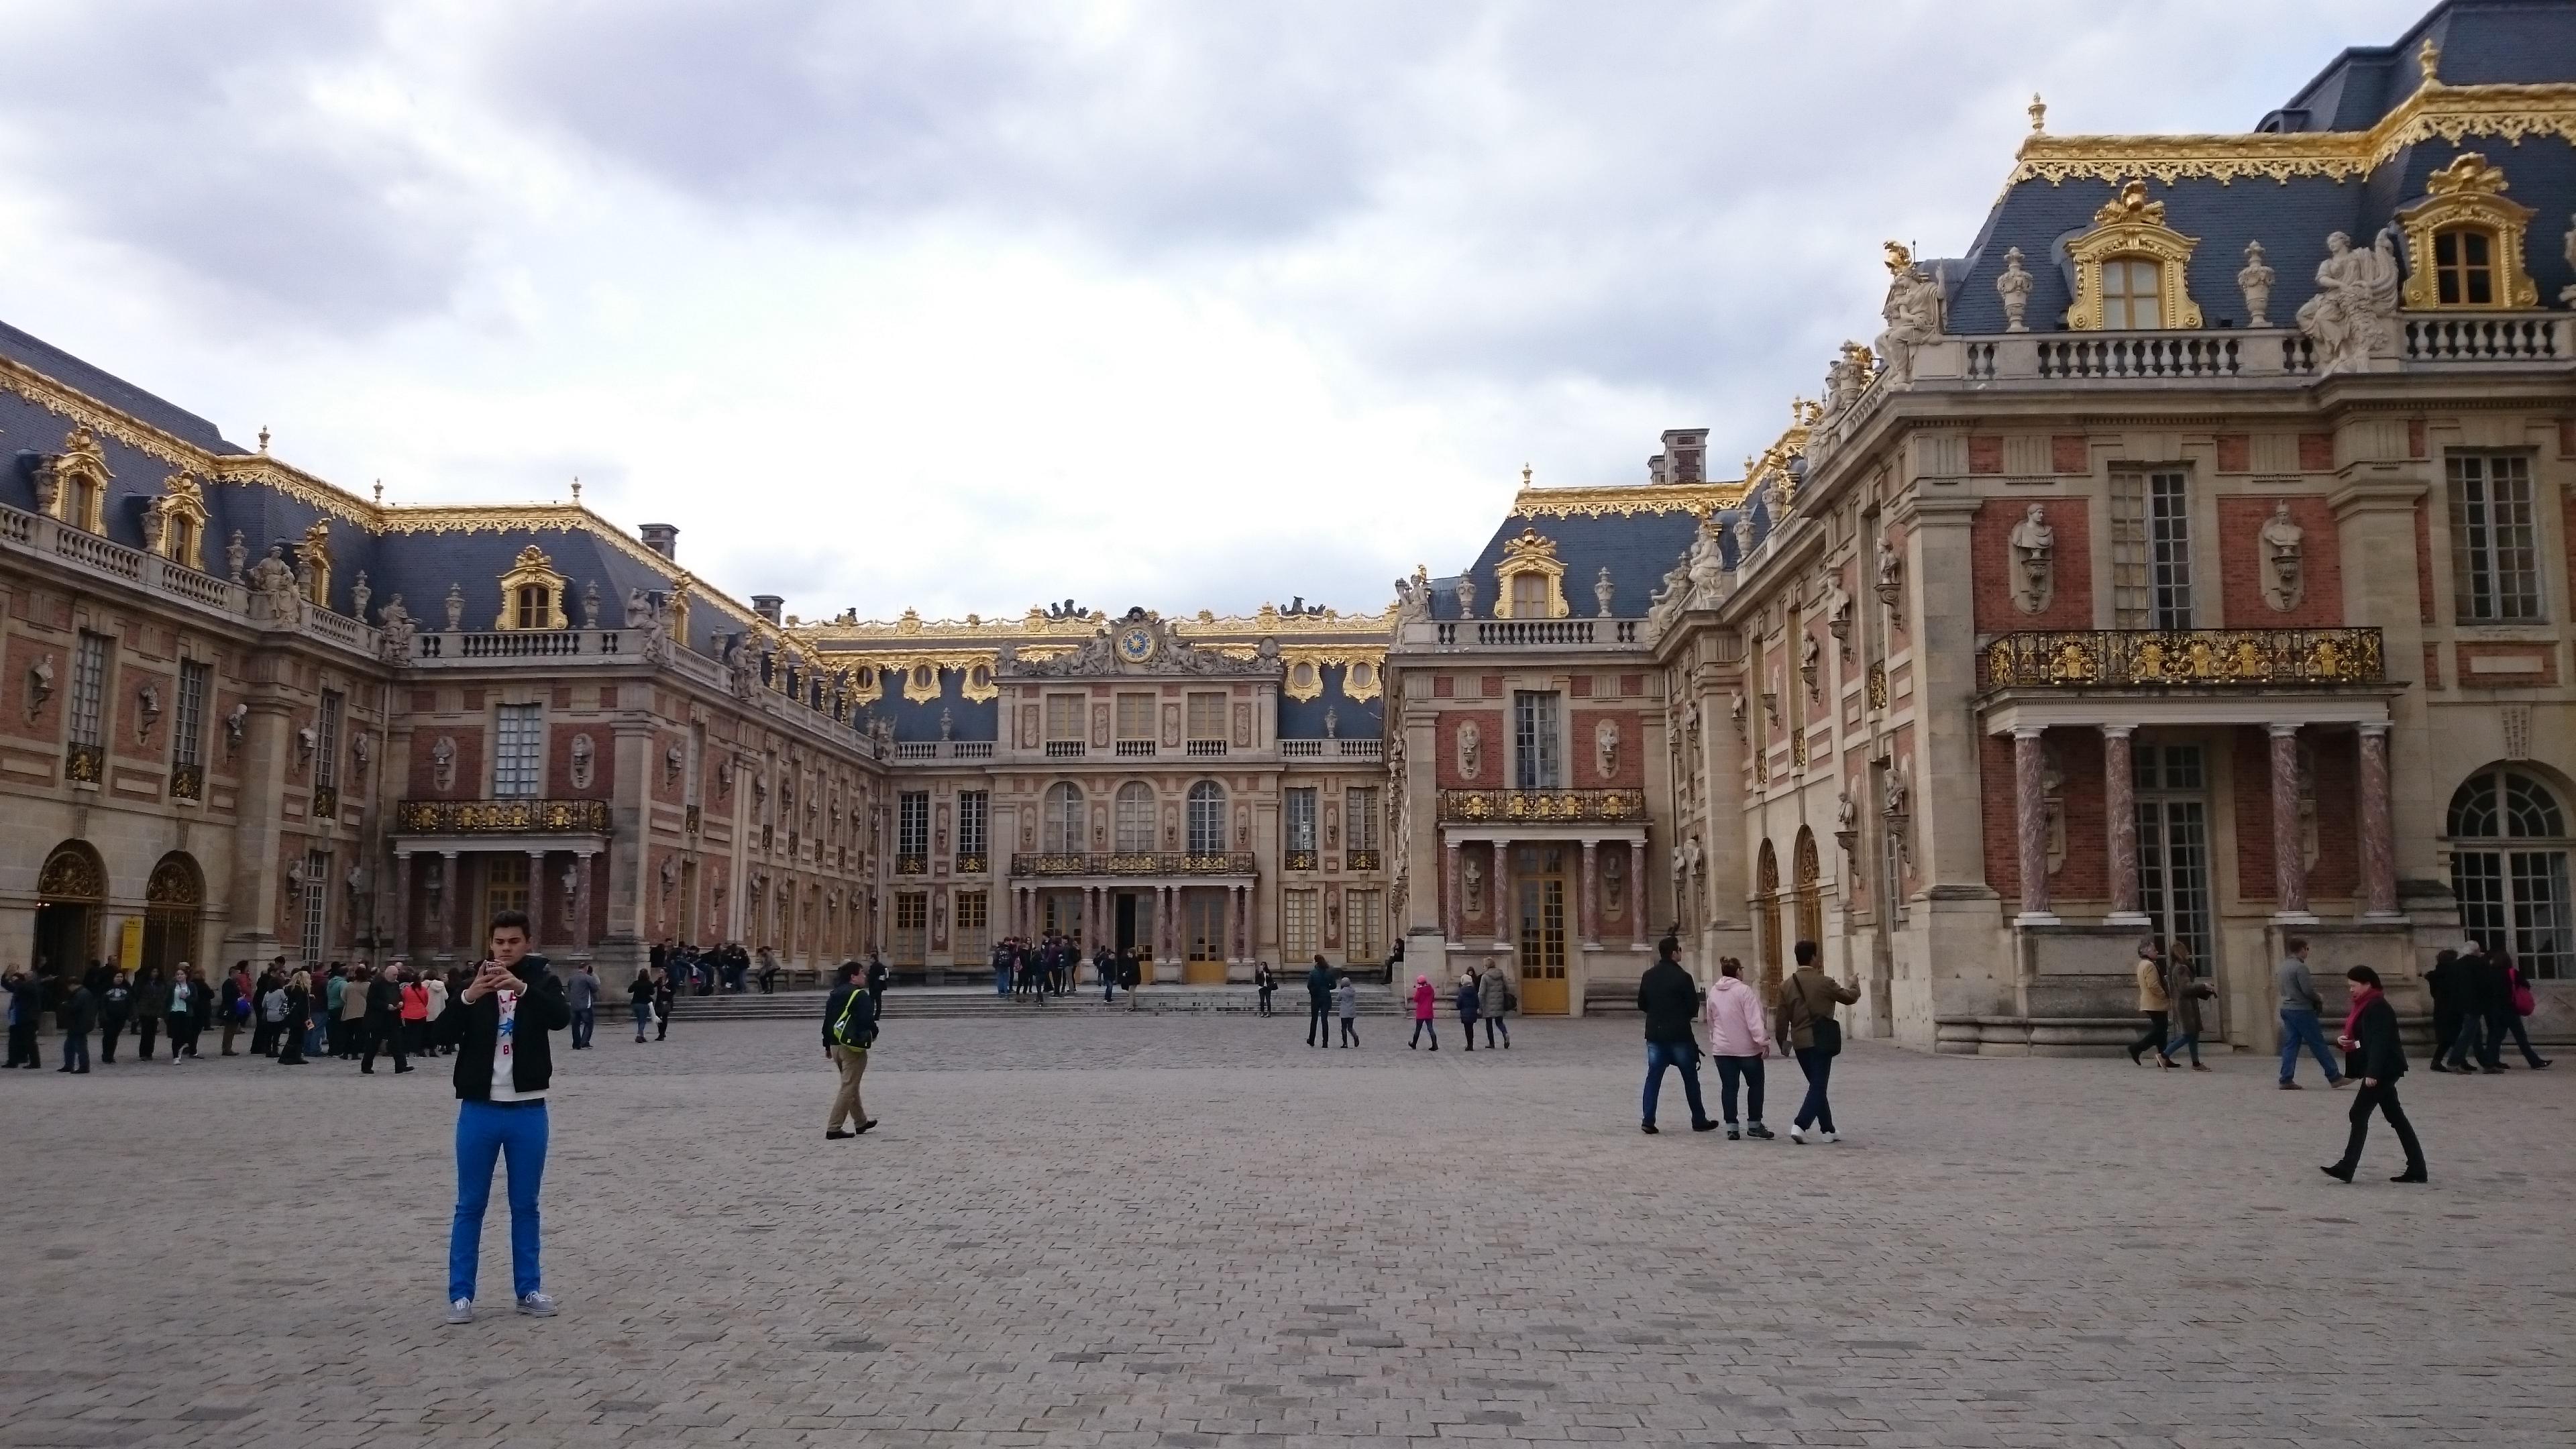 dsc 13141 - Visita al Palacio de Versalles: Como ir, cuanto cuesta y tips III/III